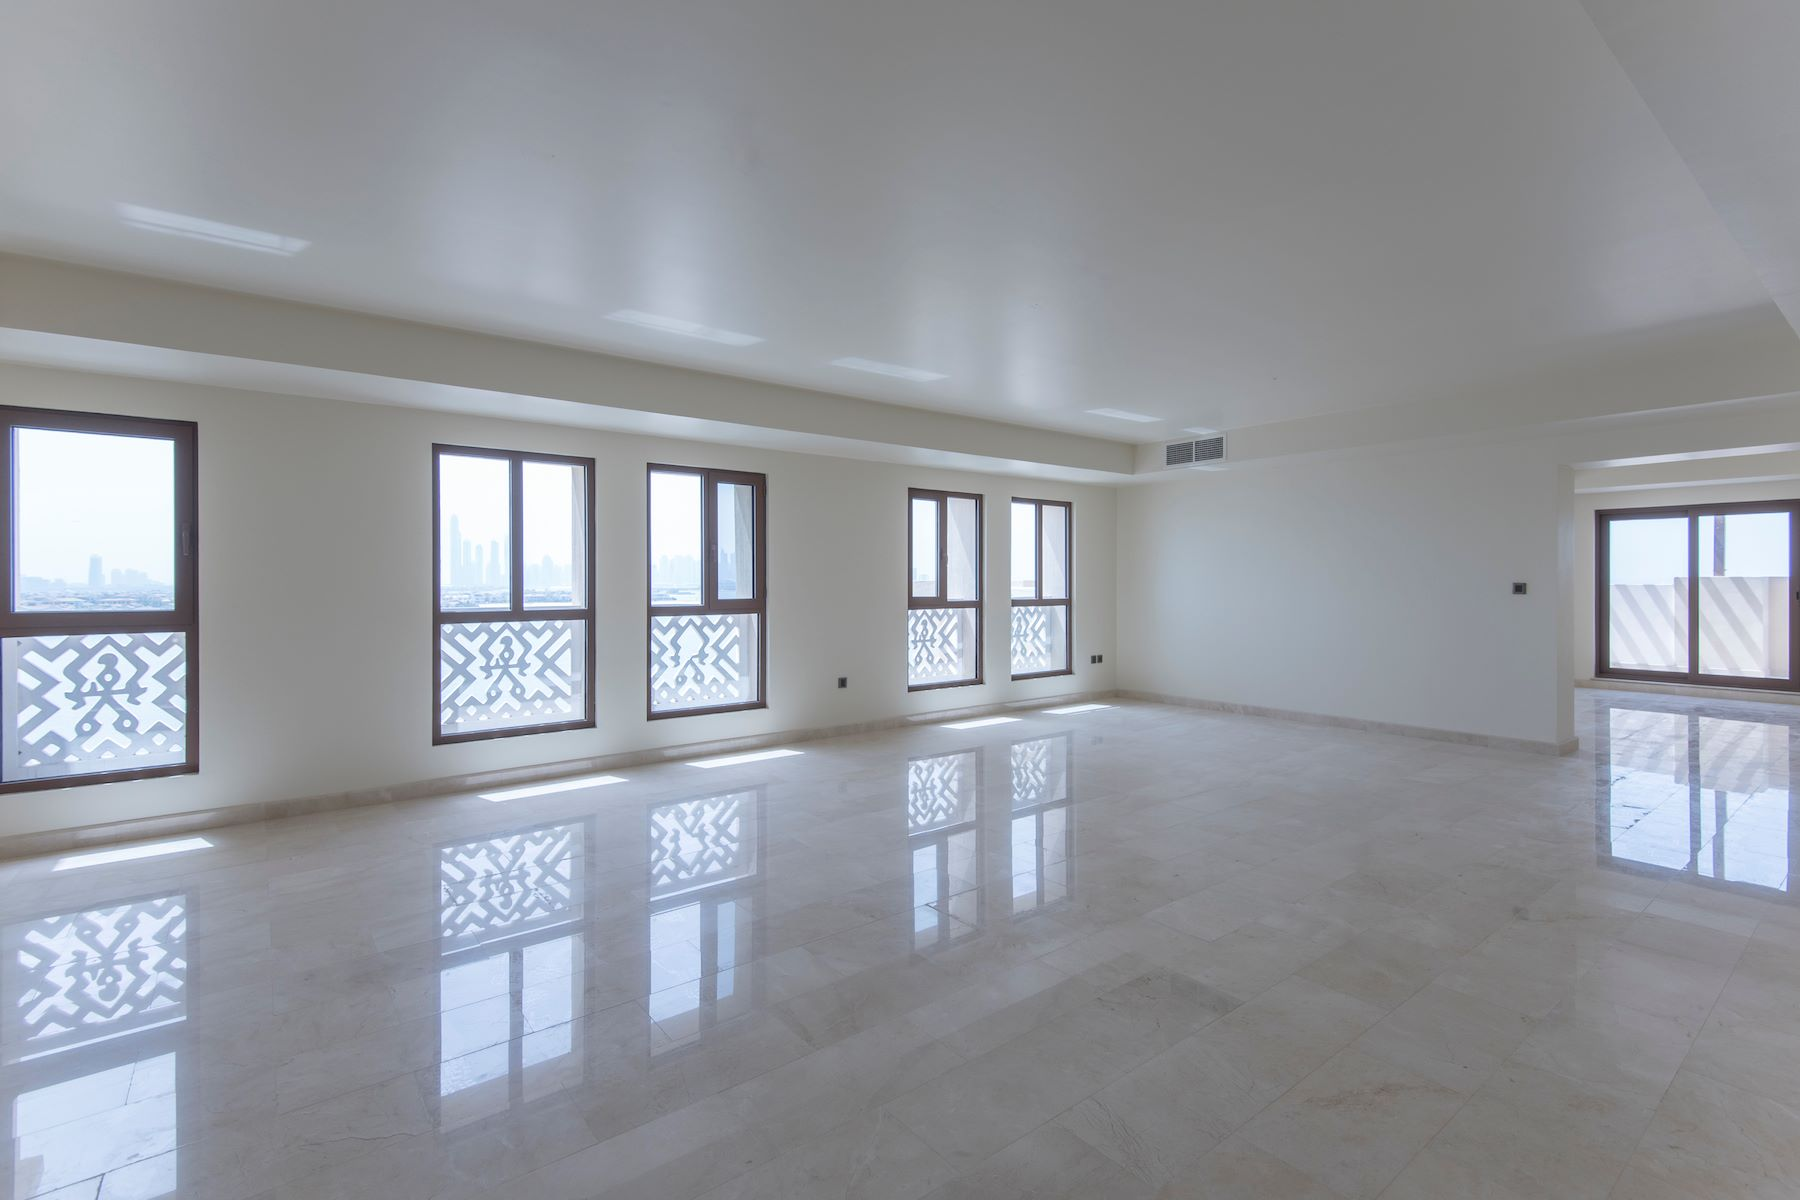 Apartamento para Venda às Balqis Residence Dubai, Dubai Emirados Árabes Unidos